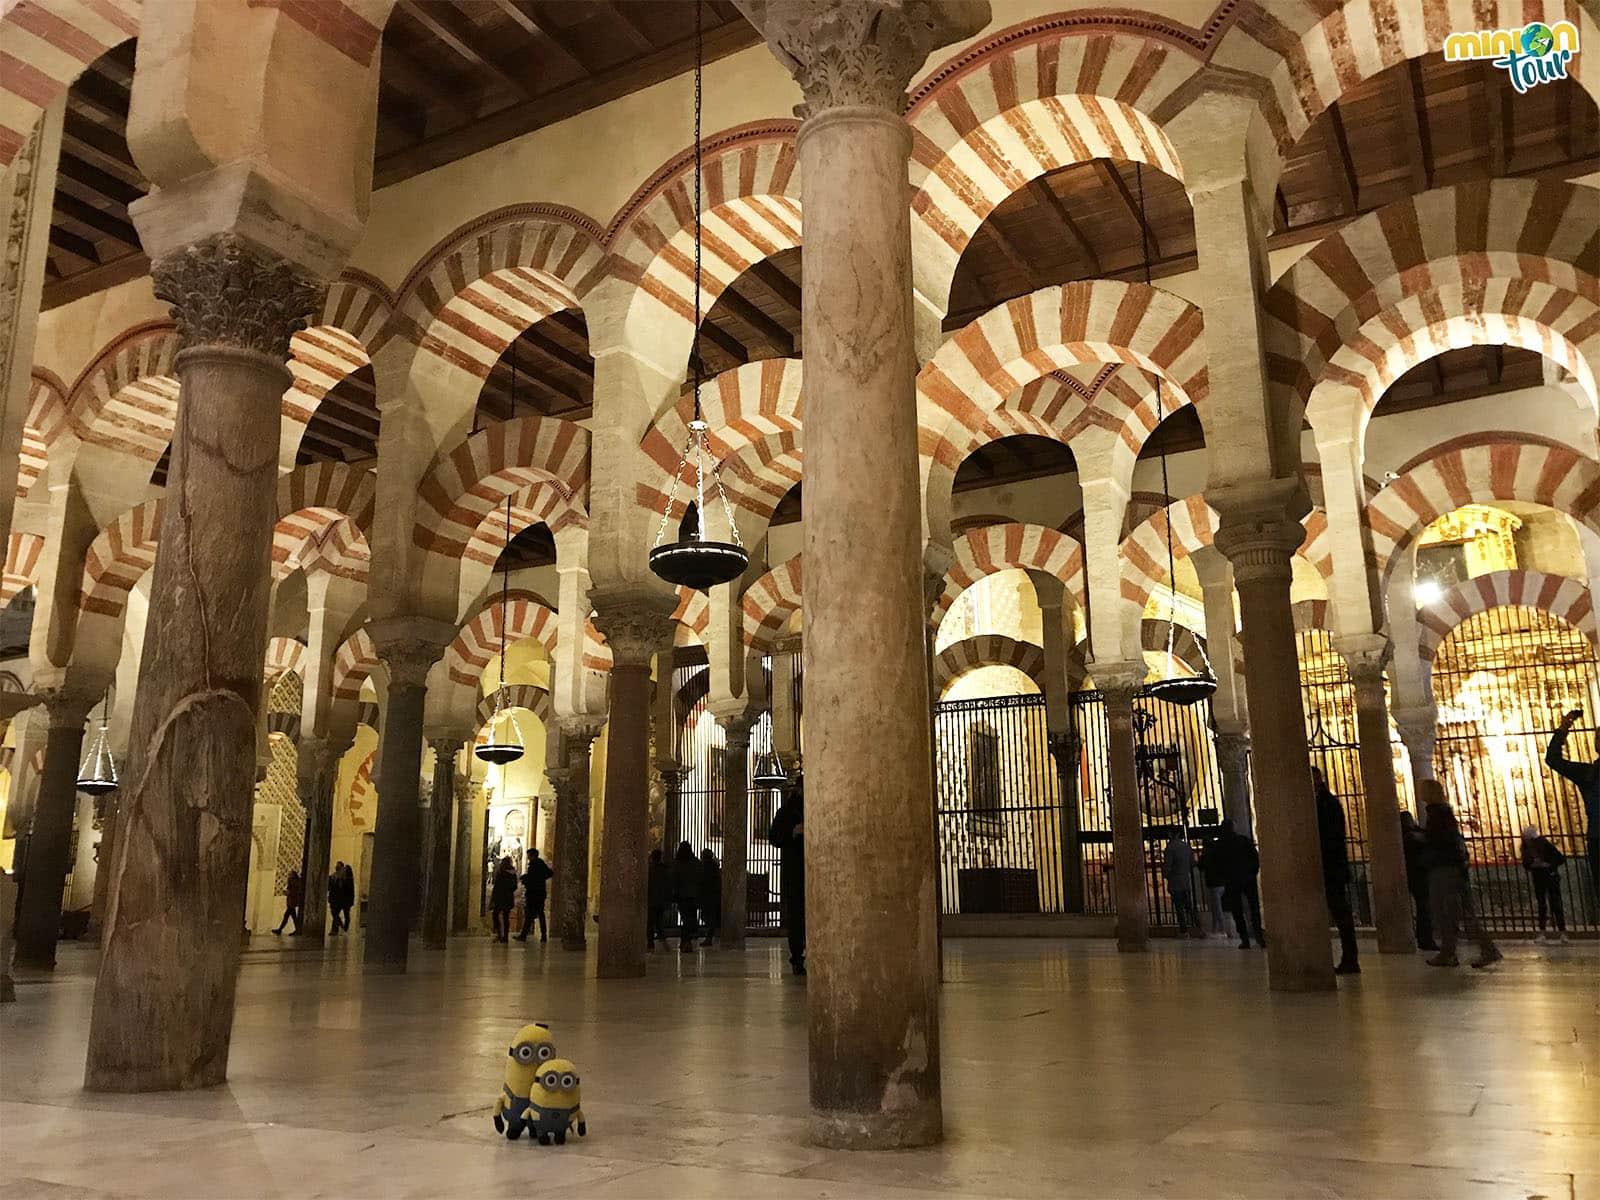 Te contamos cómo visitar la Mezquita Catedral de Córdoba gratis